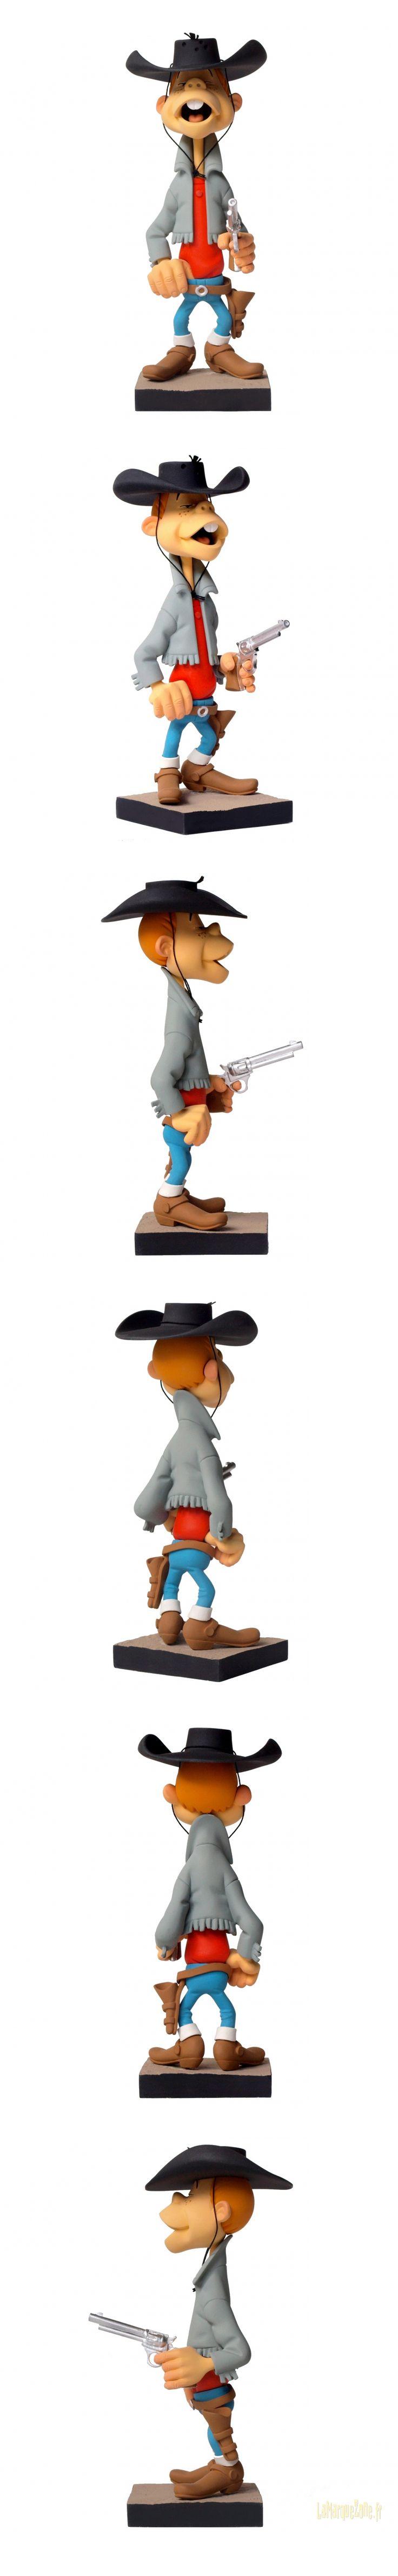 LUCKY LUKE : BILLY THE KID - statuette résine 19 cm by Fariboles